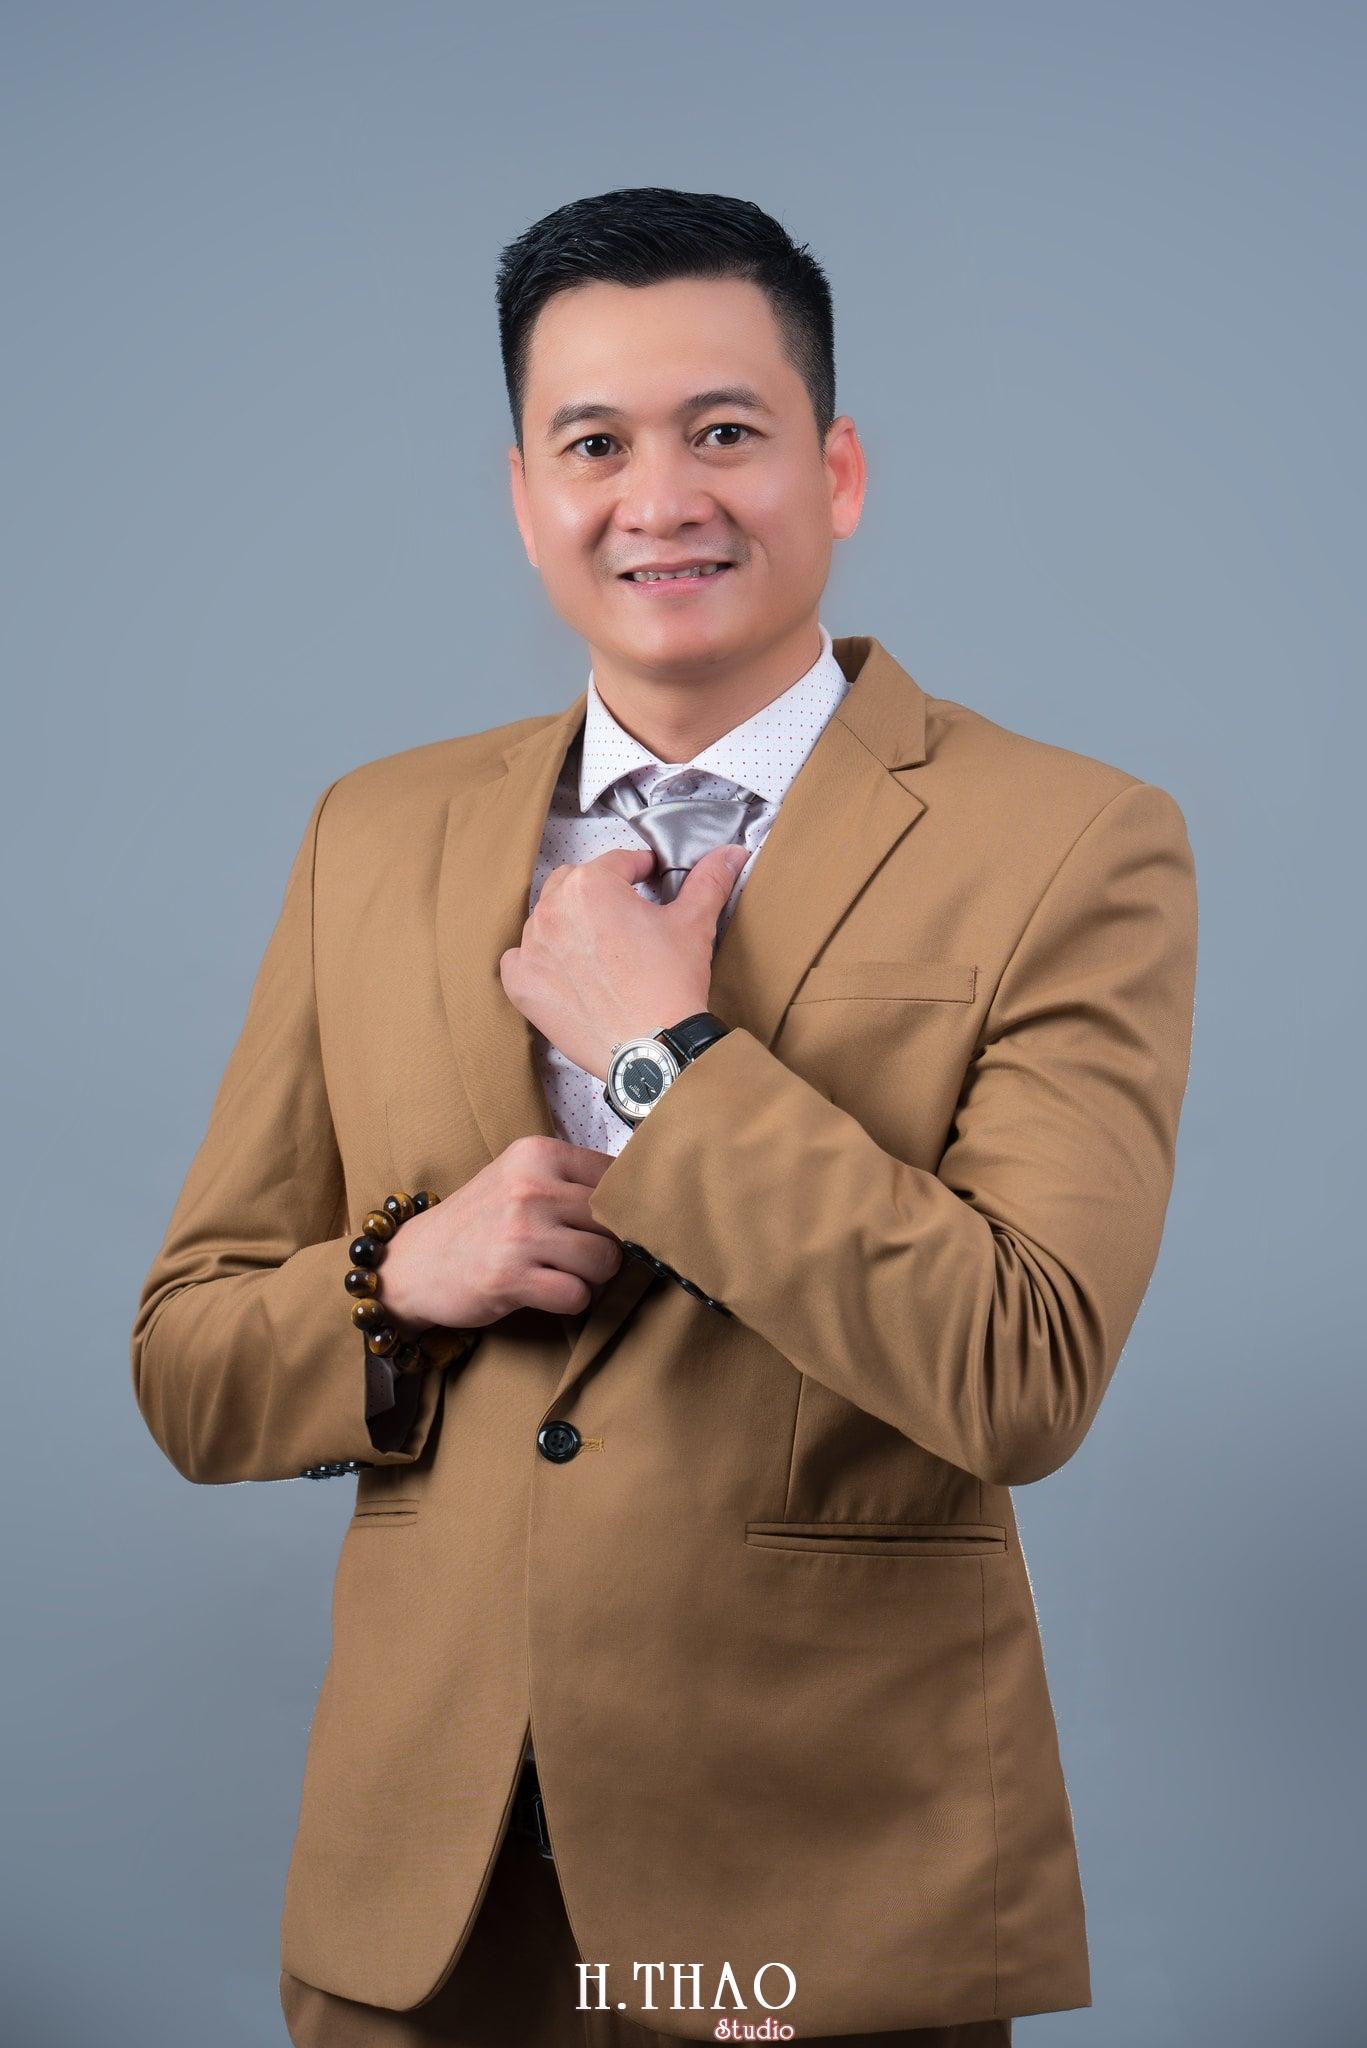 nh nam doanh nhân chuyên nghiệp lịch lãm - Album ảnh chuẩn phong cách doanh nhân Hưng Nguyễn - HThao Studio